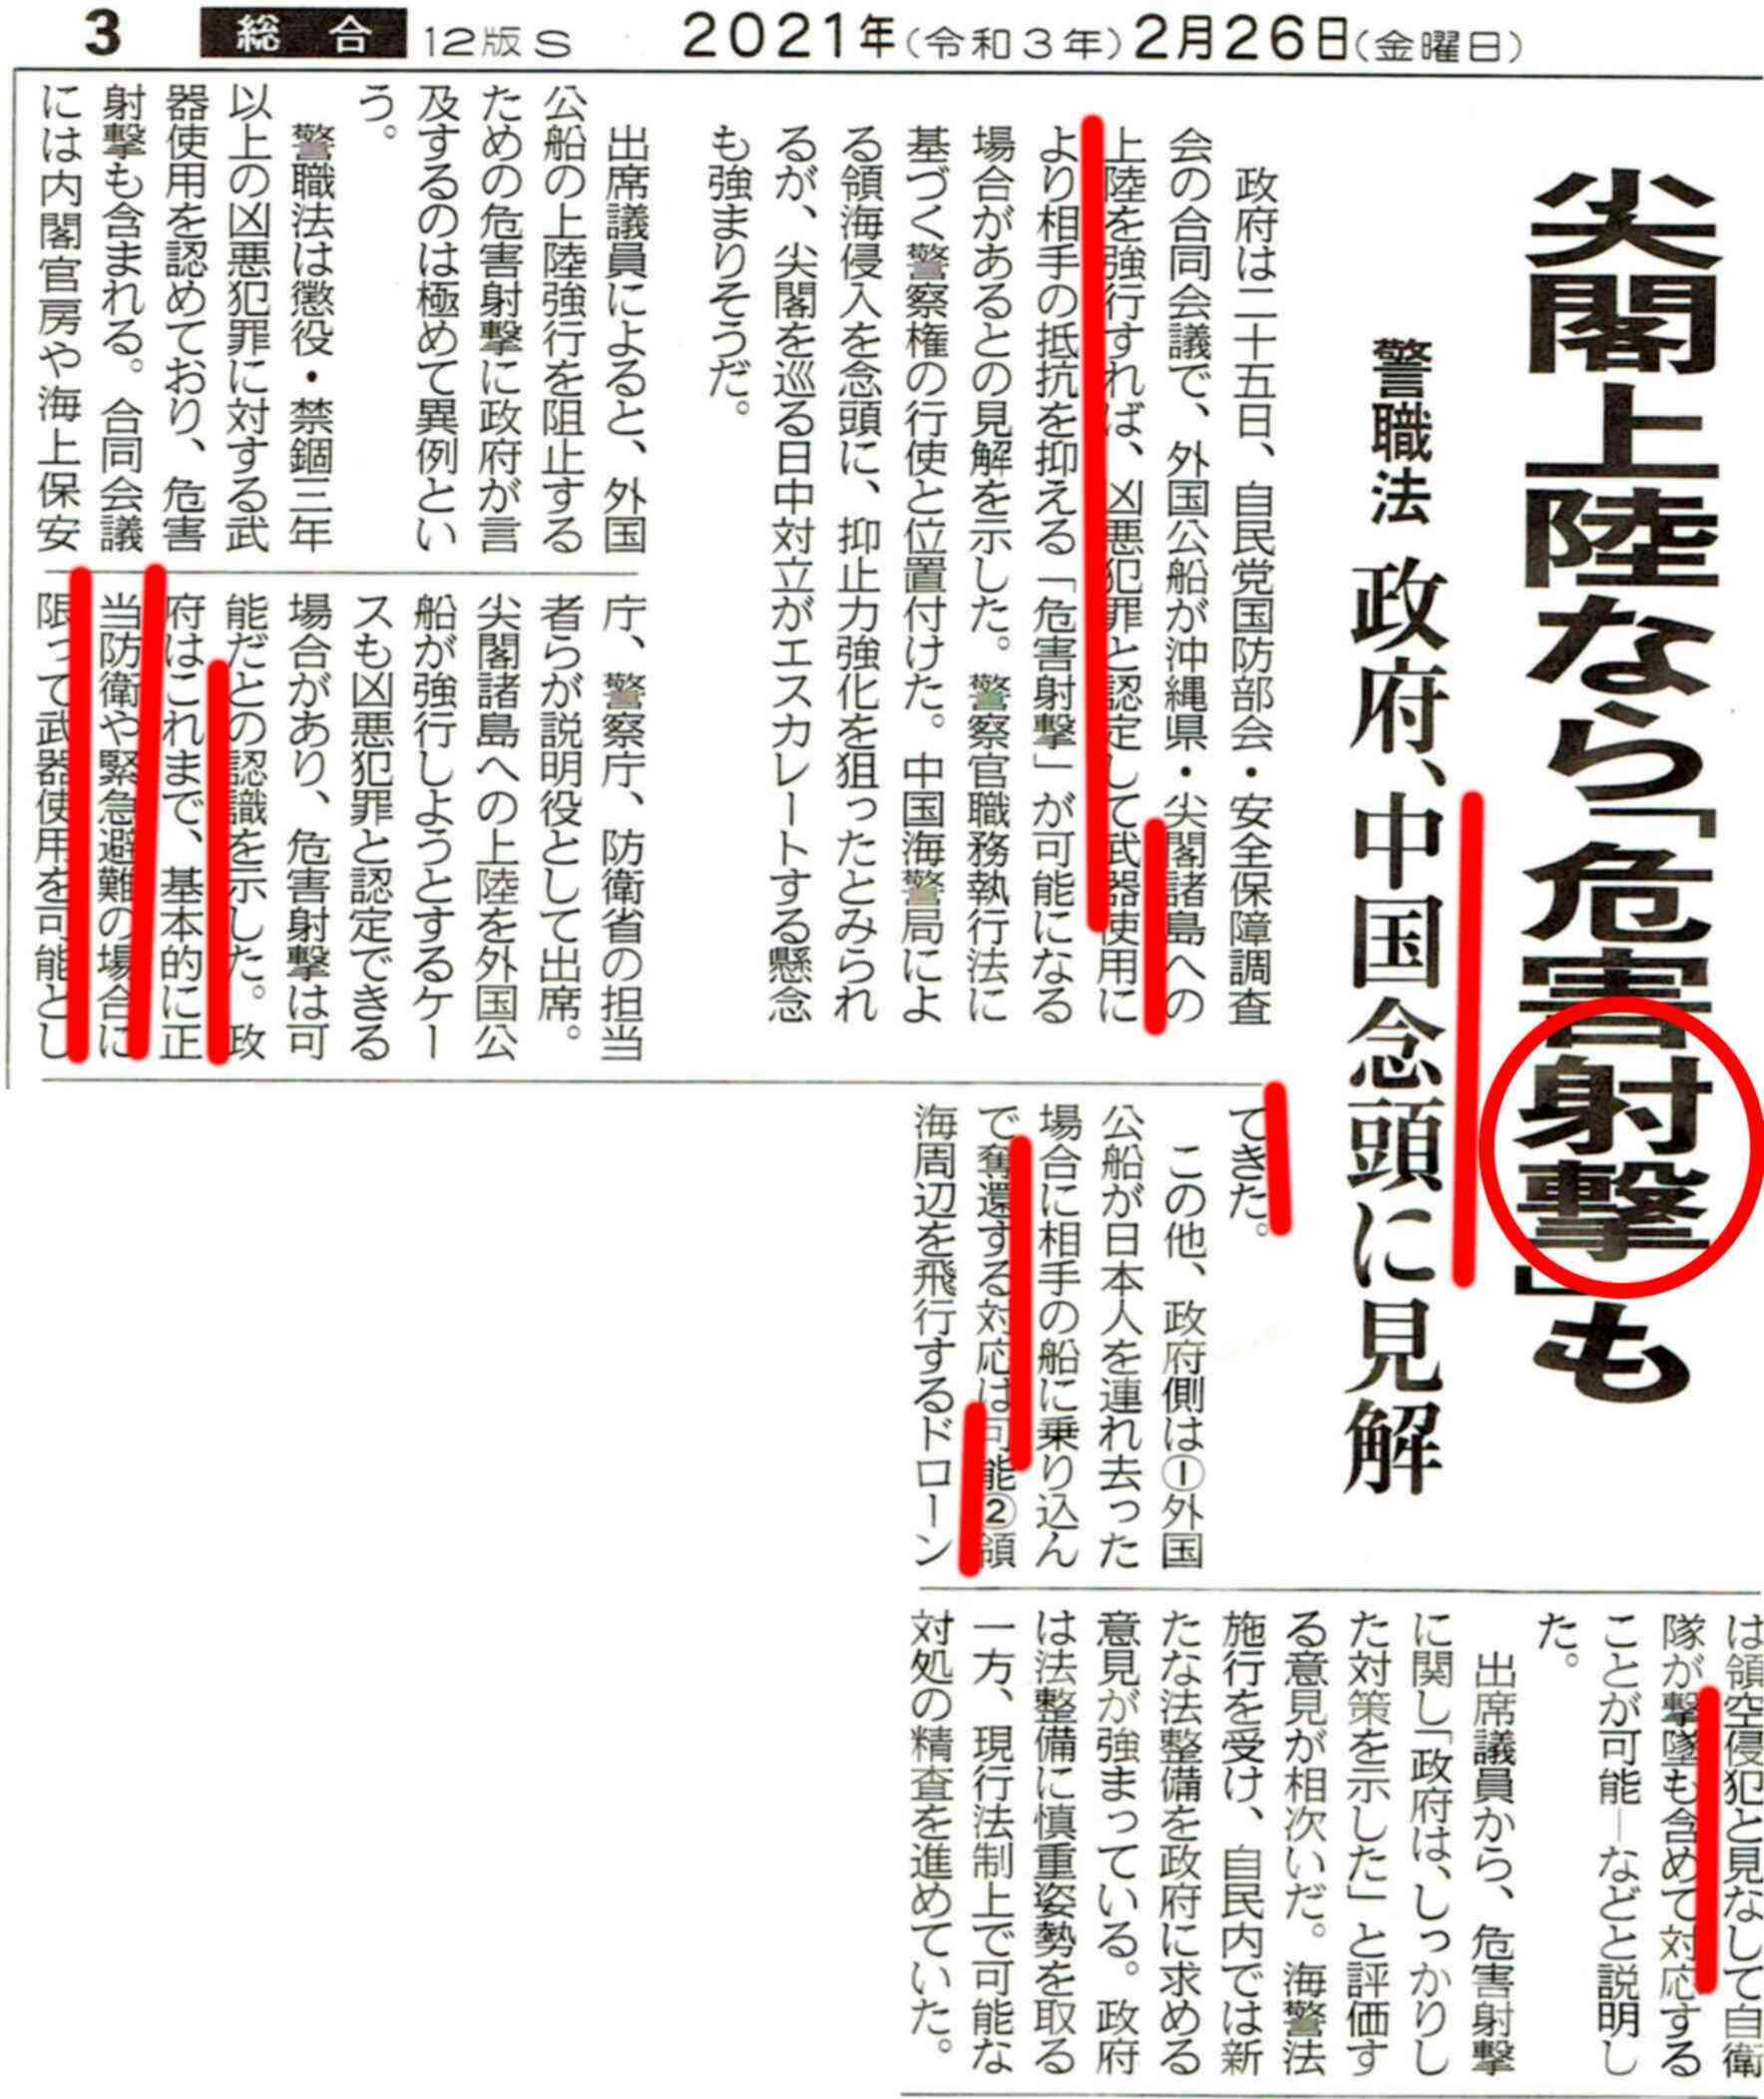 tokyo2021 02261a